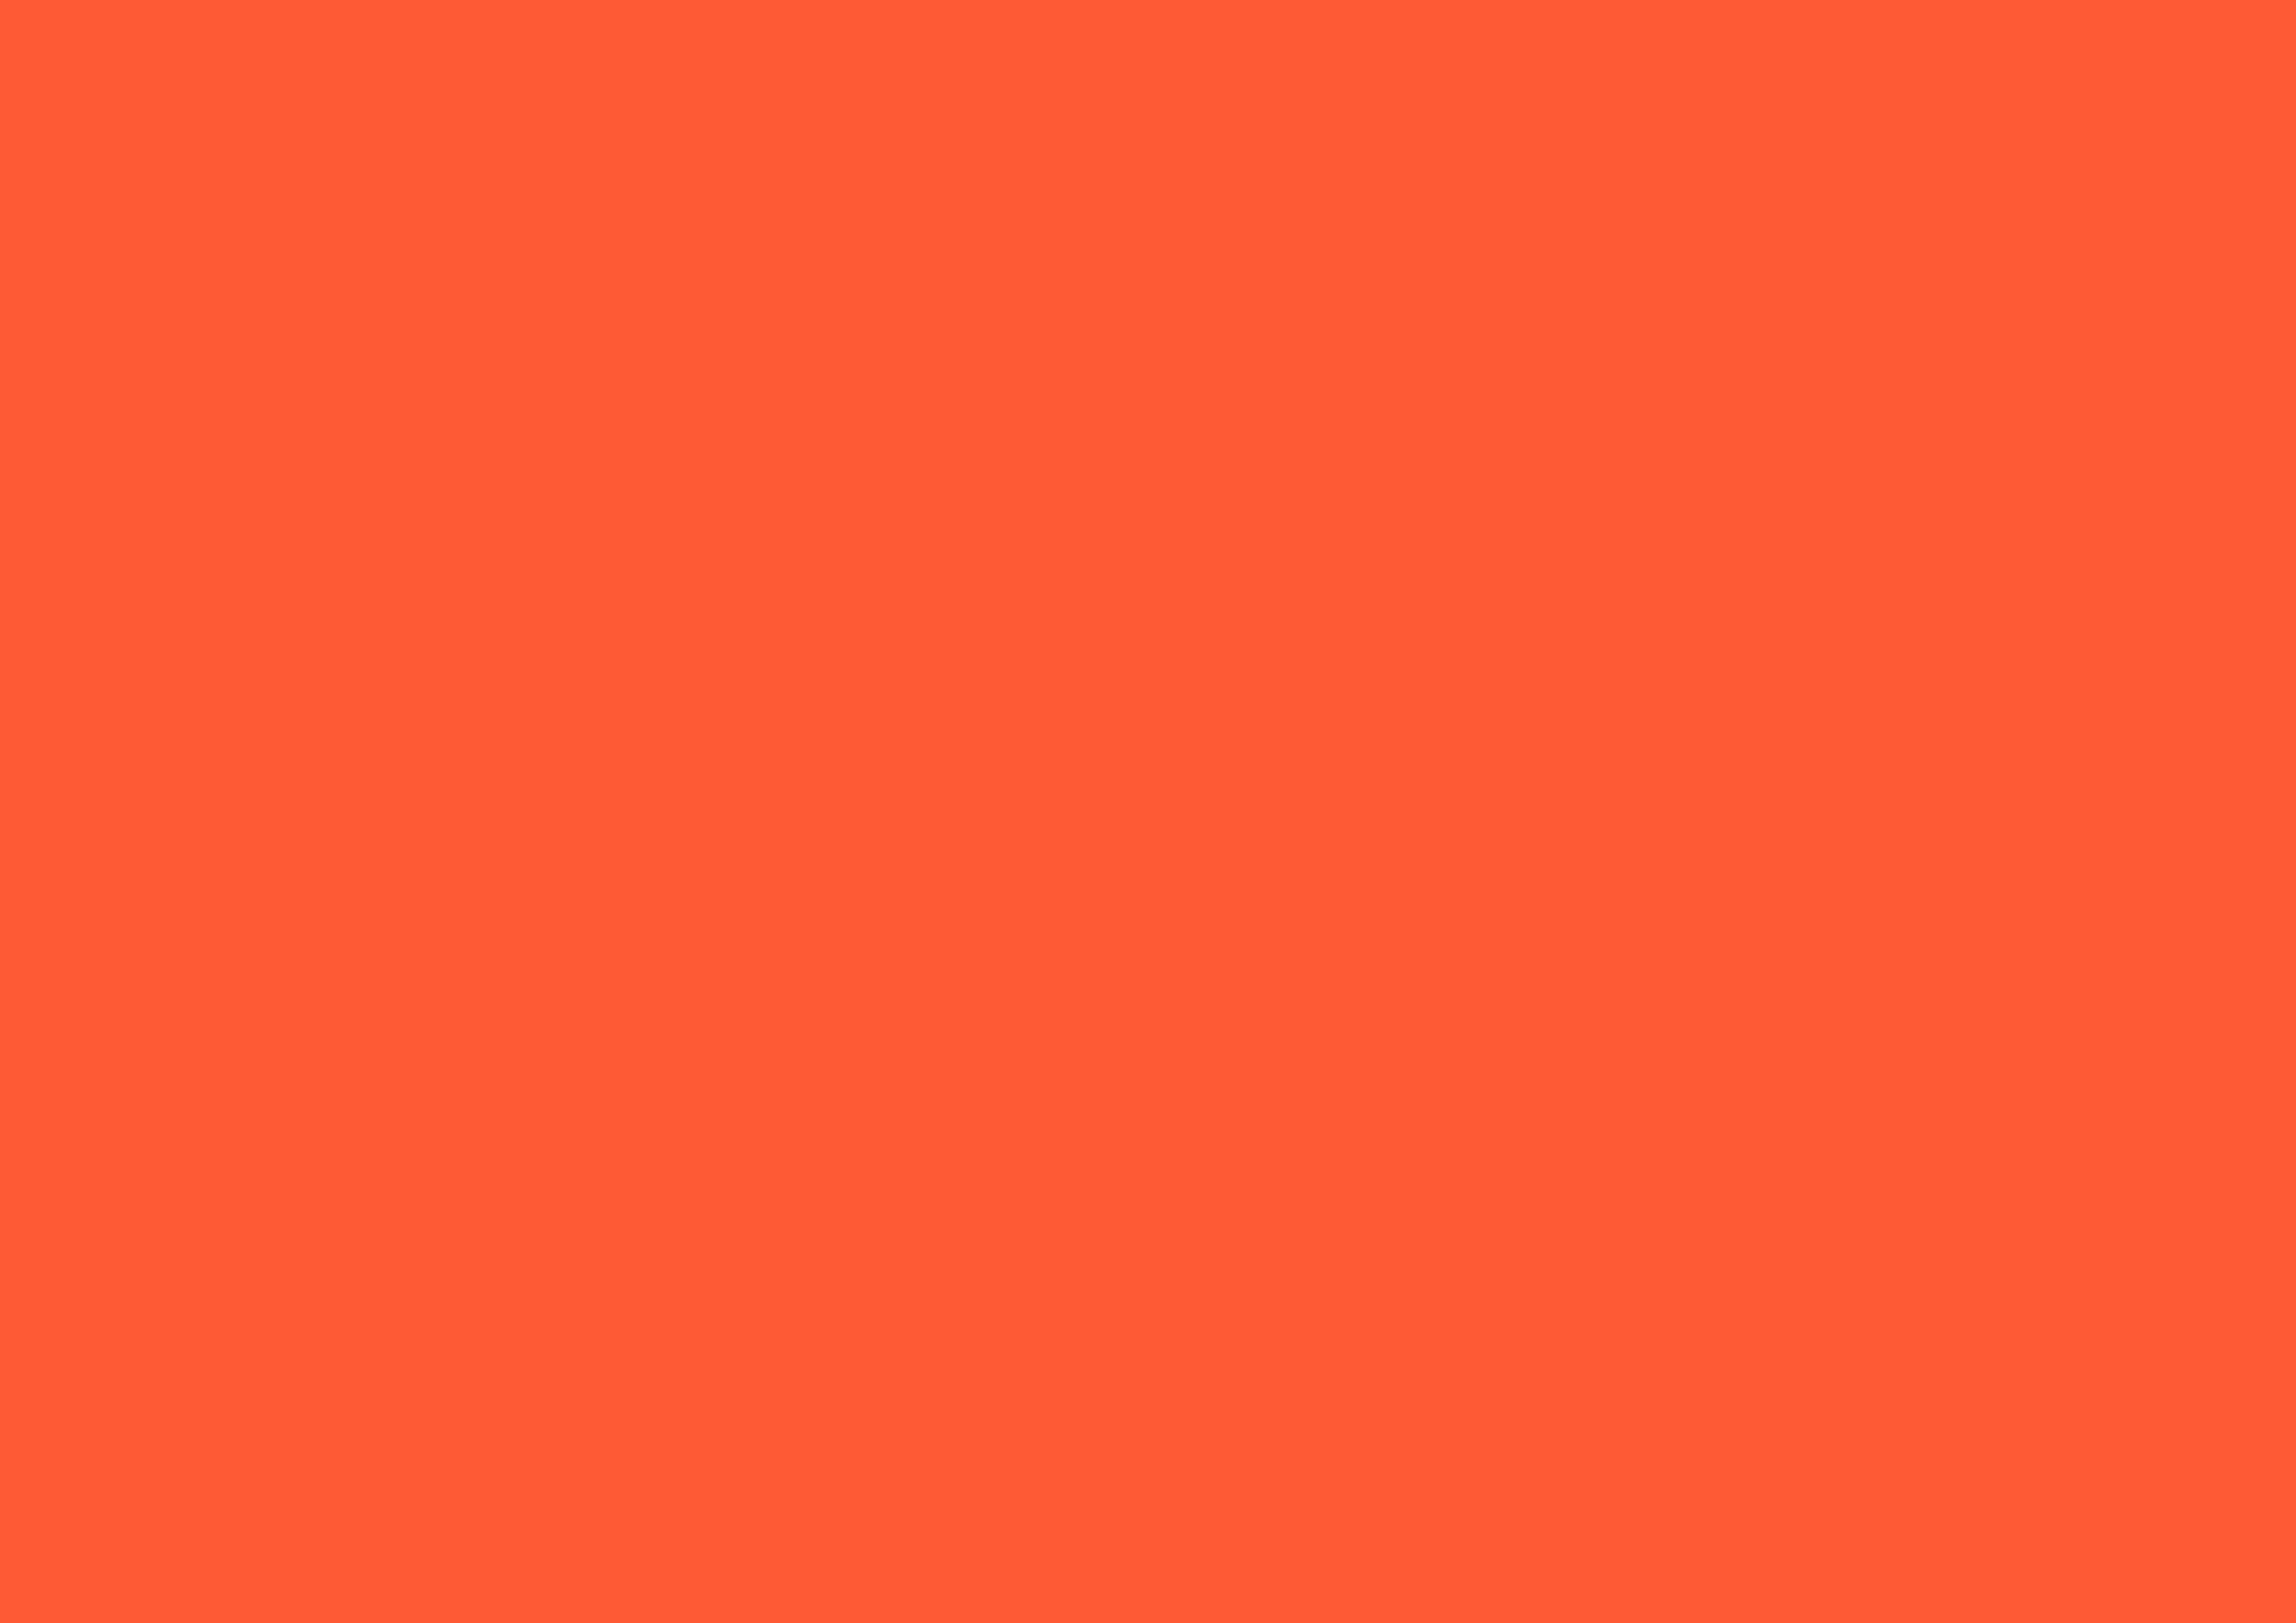 3508x2480 Portland Orange Solid Color Background